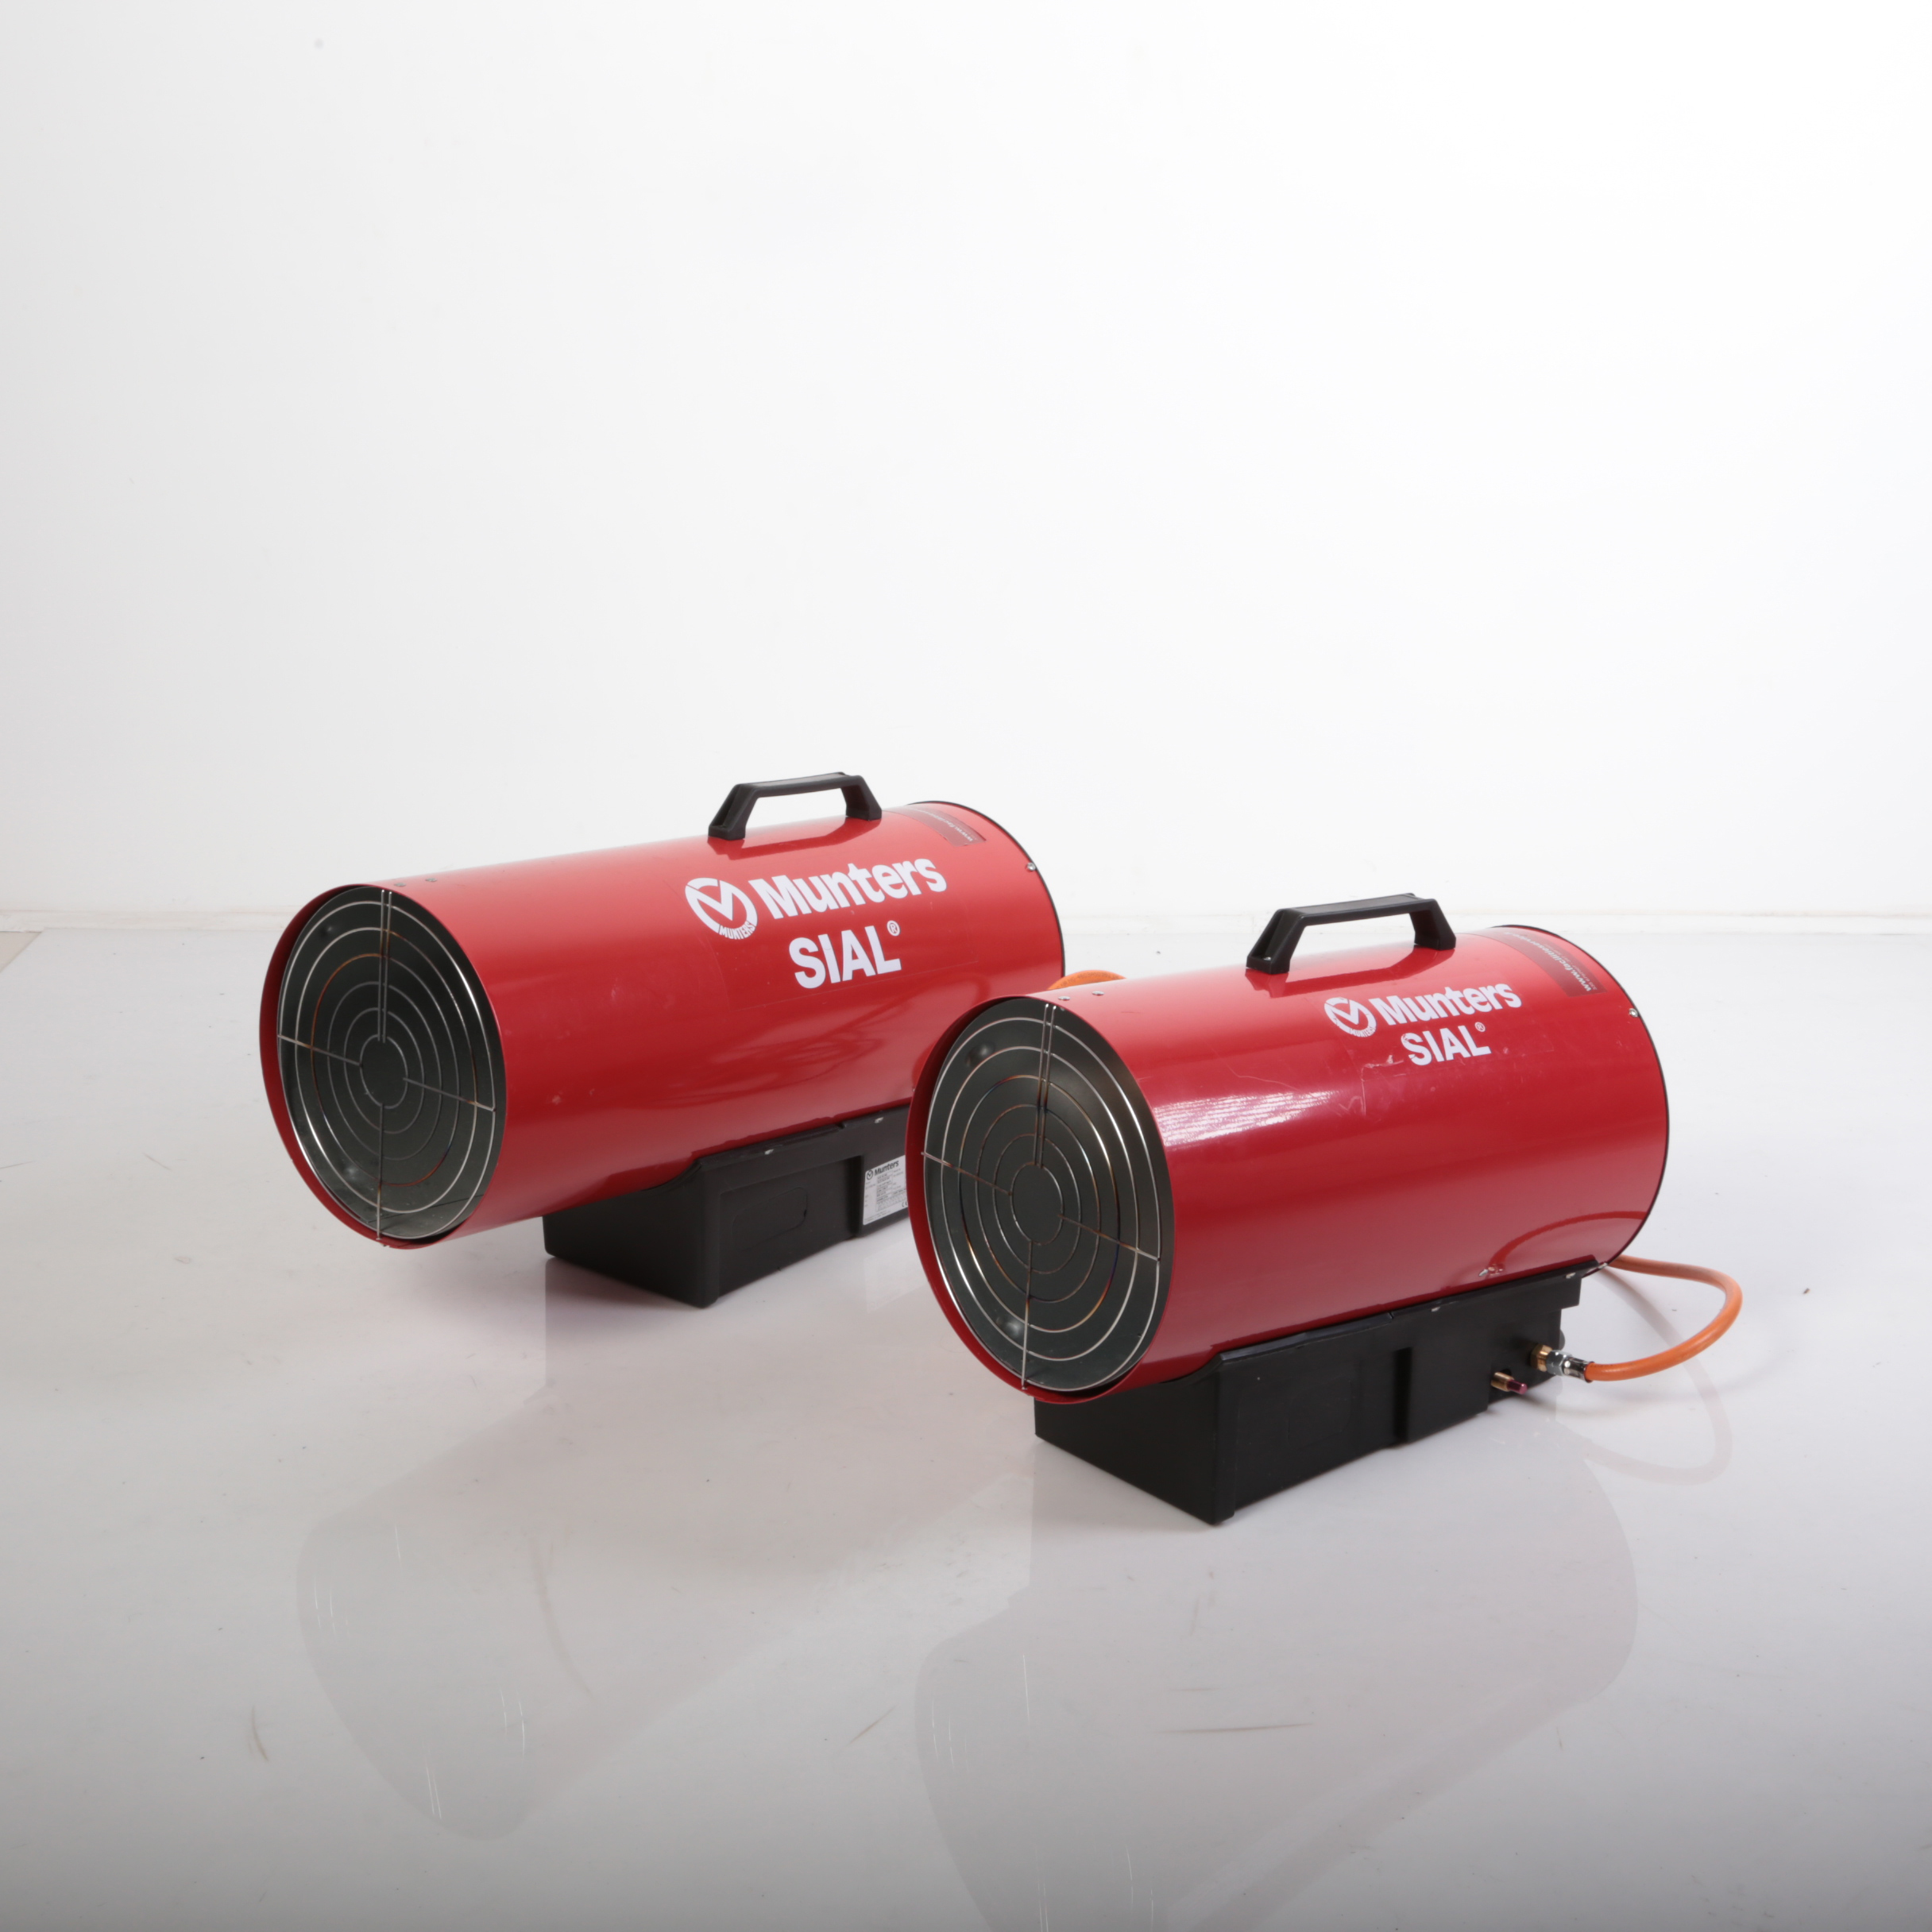 termoconvettore gas grande & piccolo